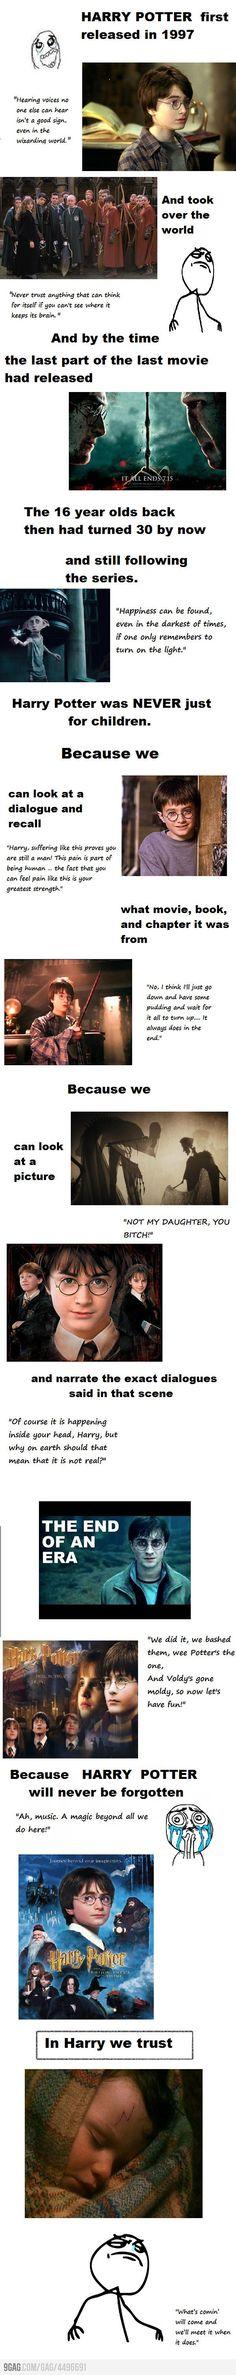 In Harry We Trust